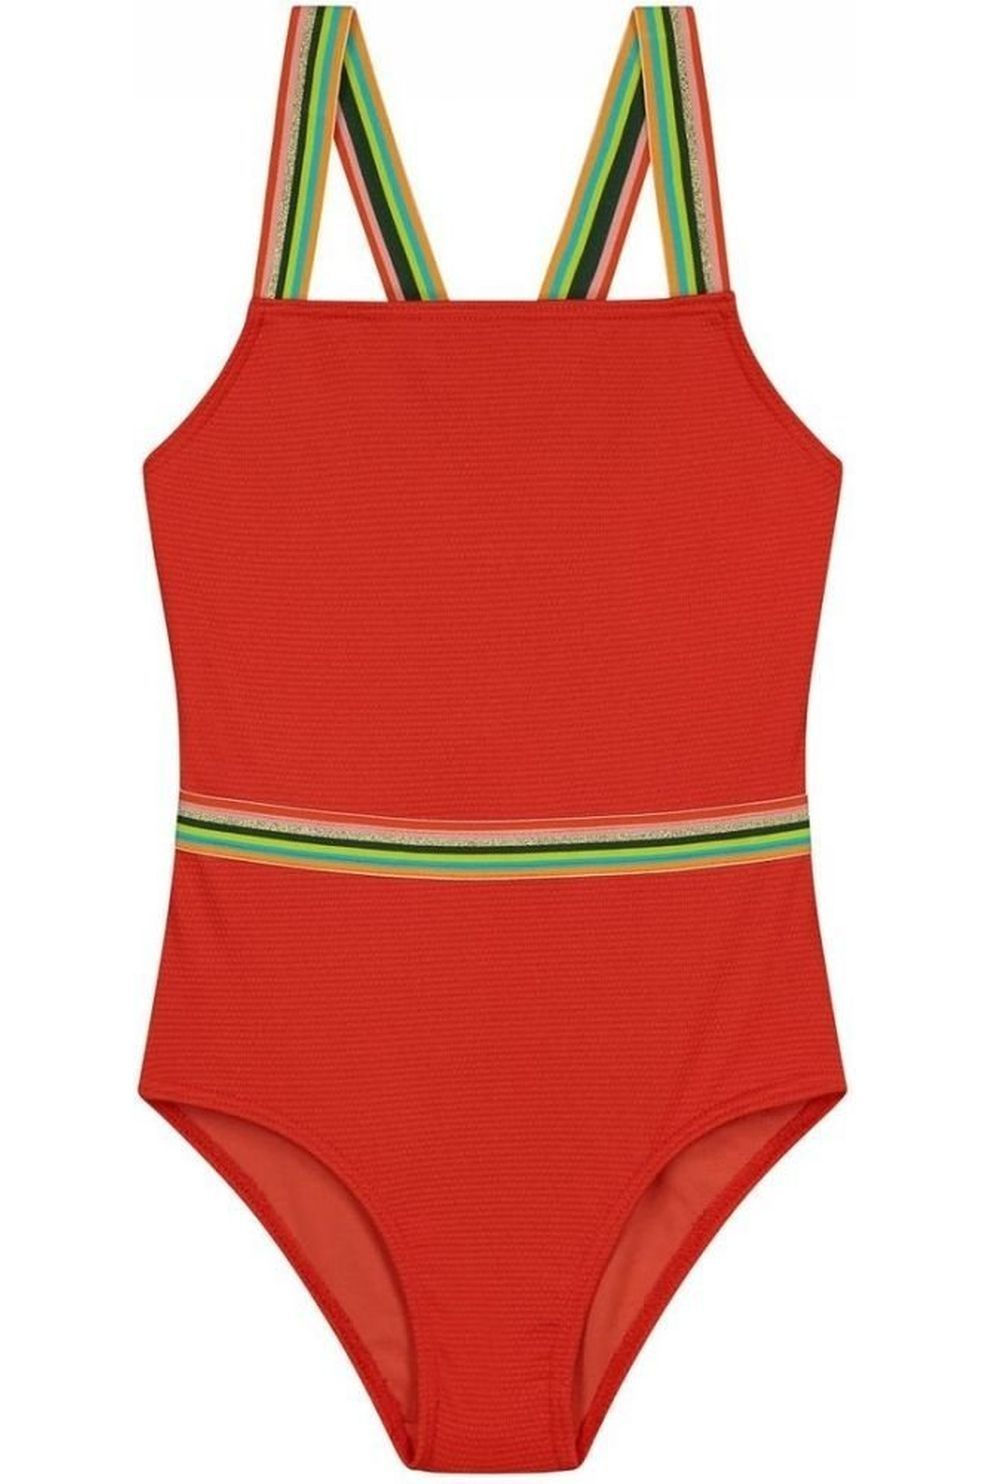 Shiwi Badpak Rainbow voor meisjes - Oranje - Maat: 176